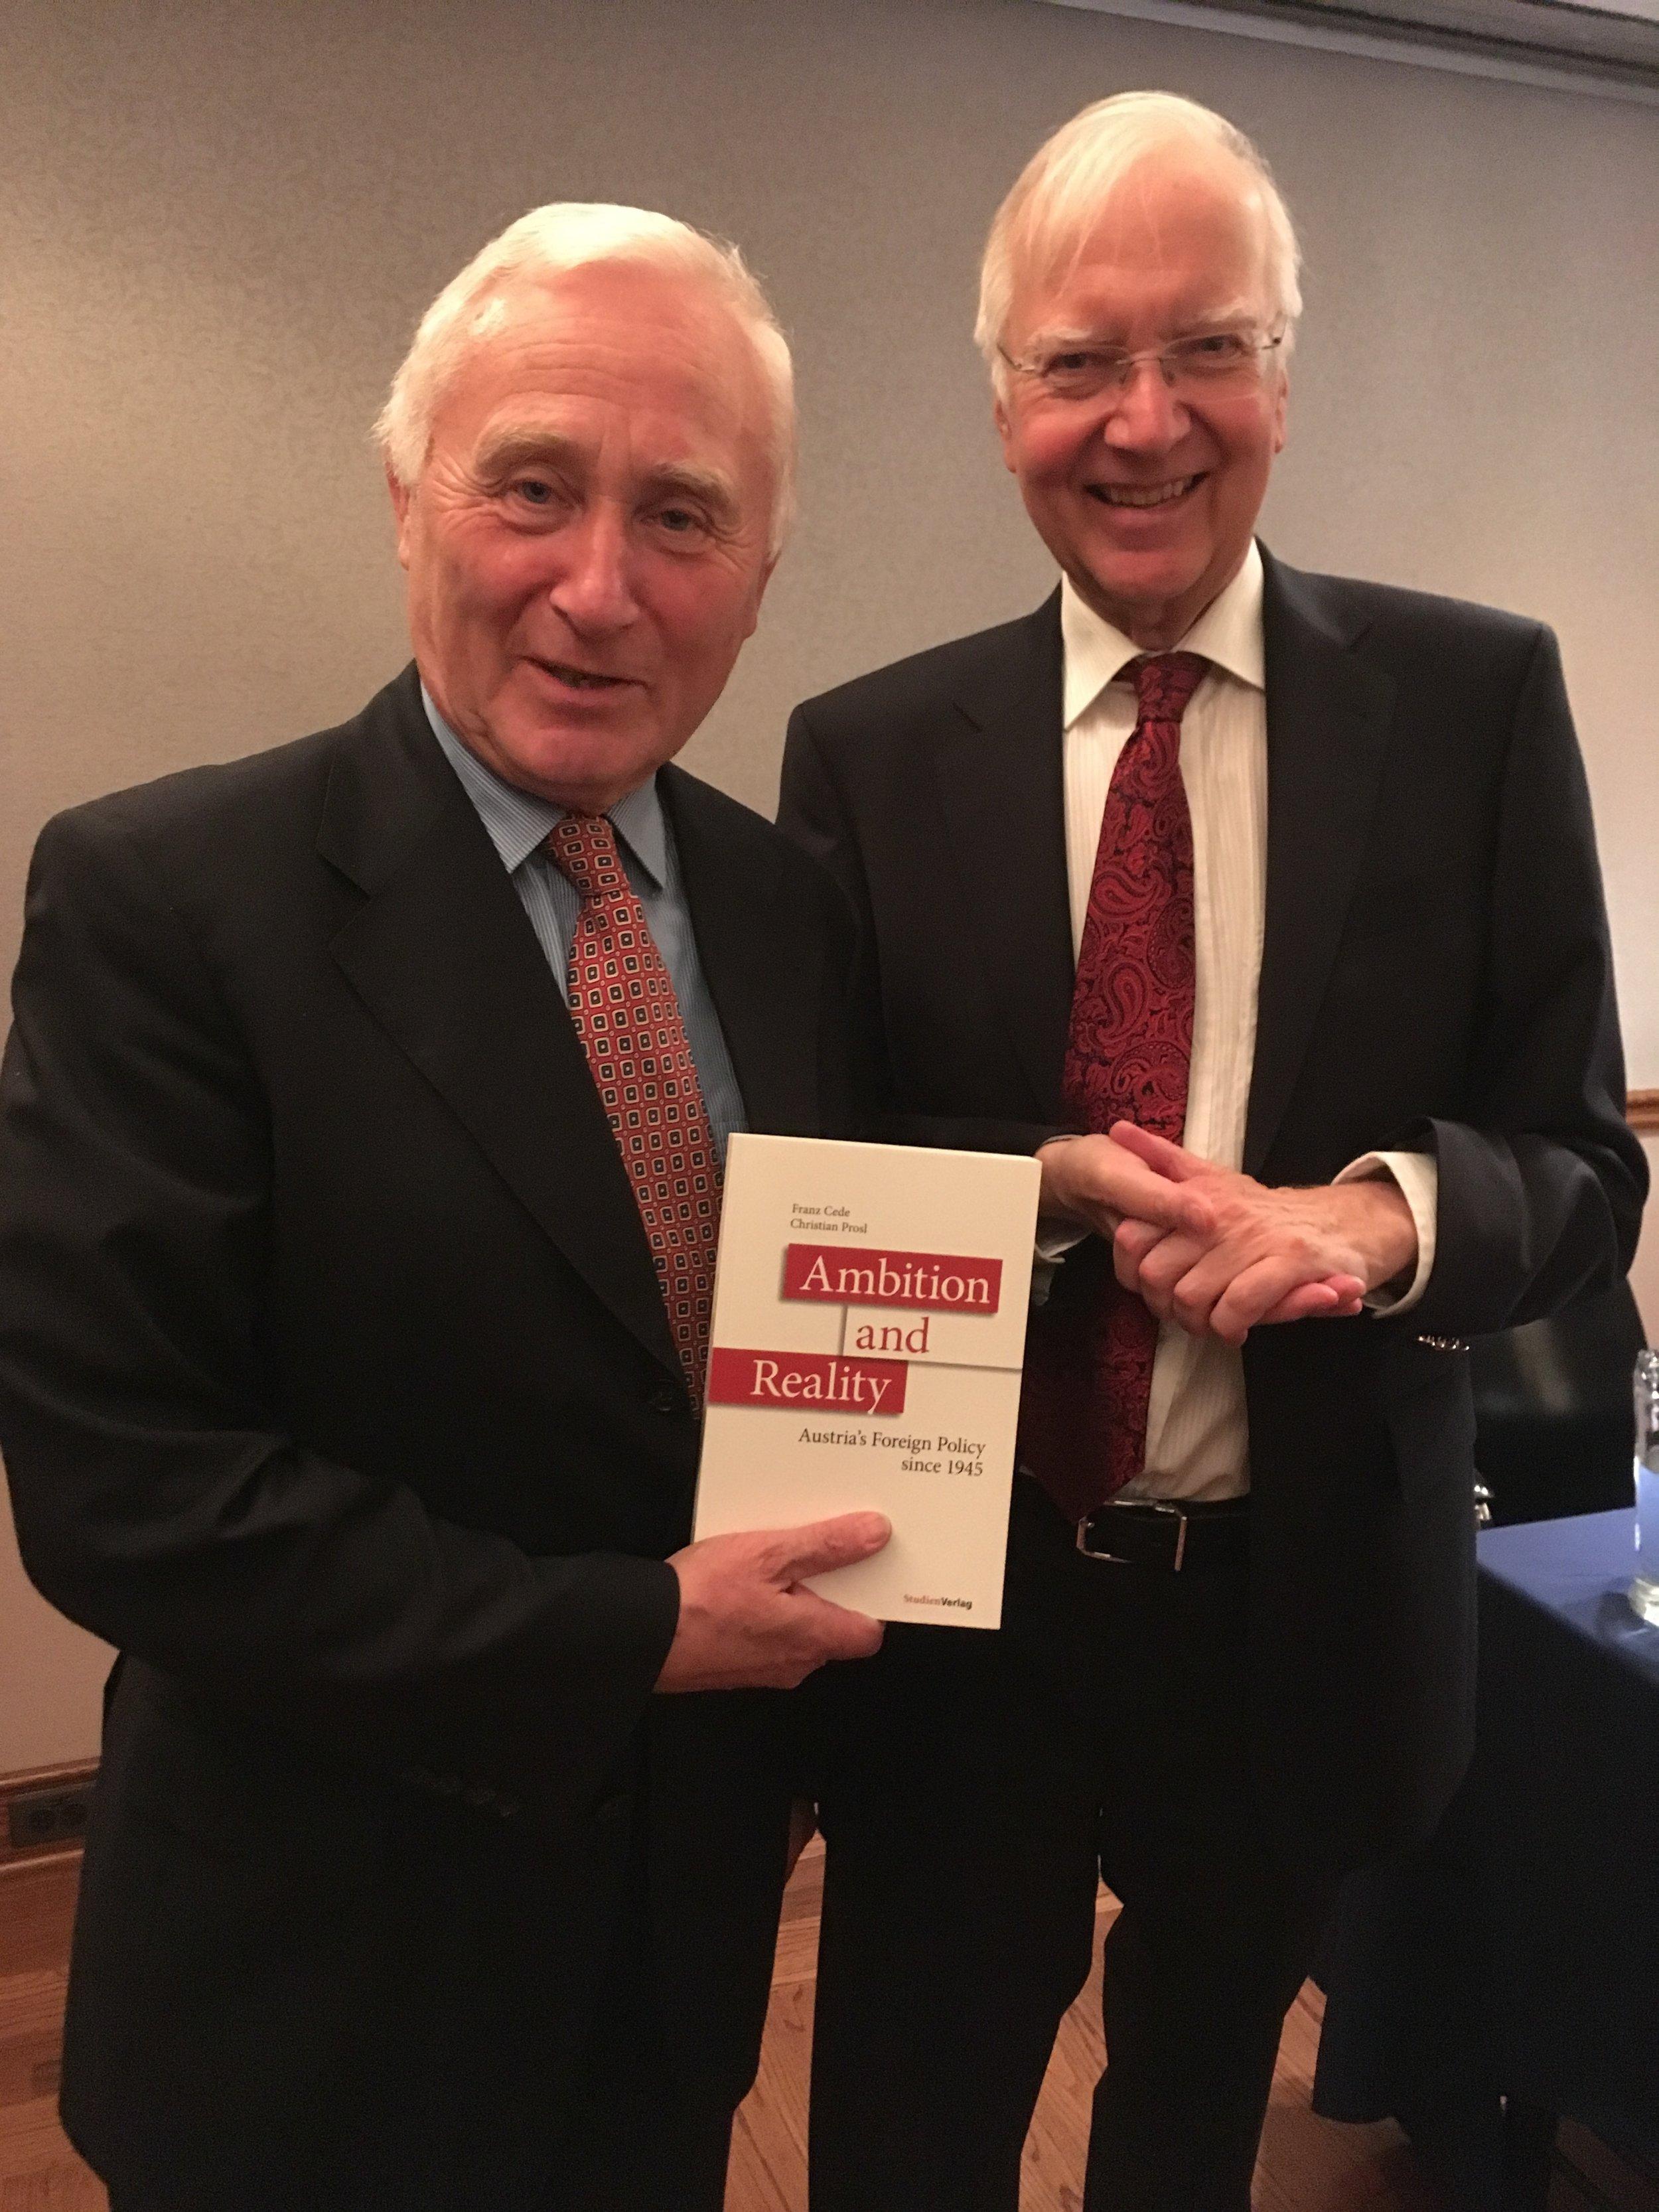 Ambassador Christian Prosl (left) and Ambassador Franz Cede